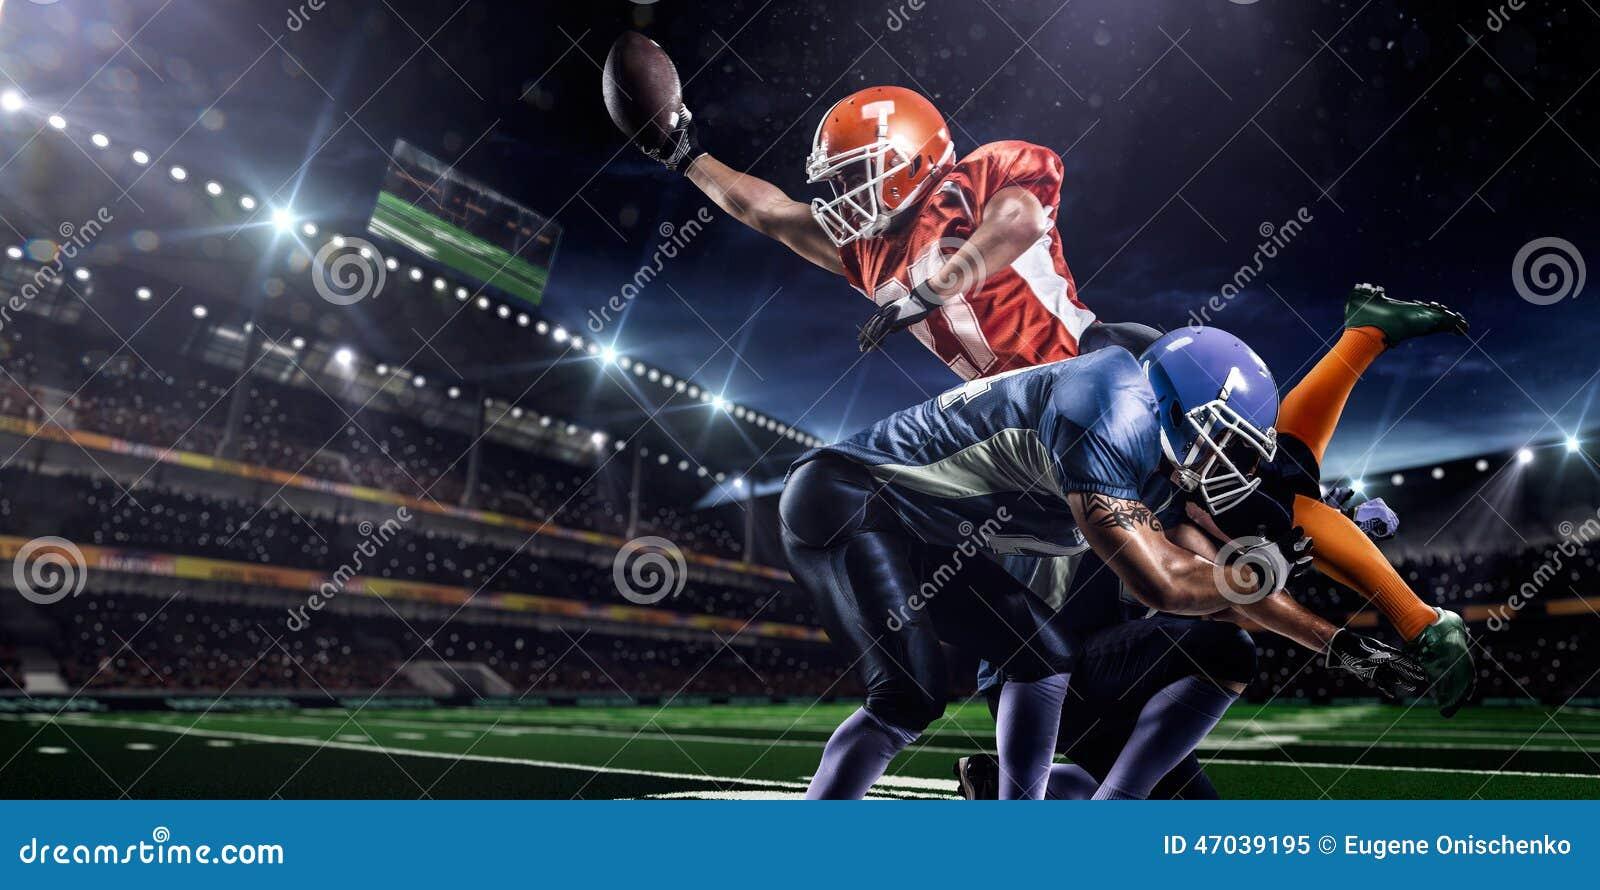 Jogador de futebol americano na ação no estádio